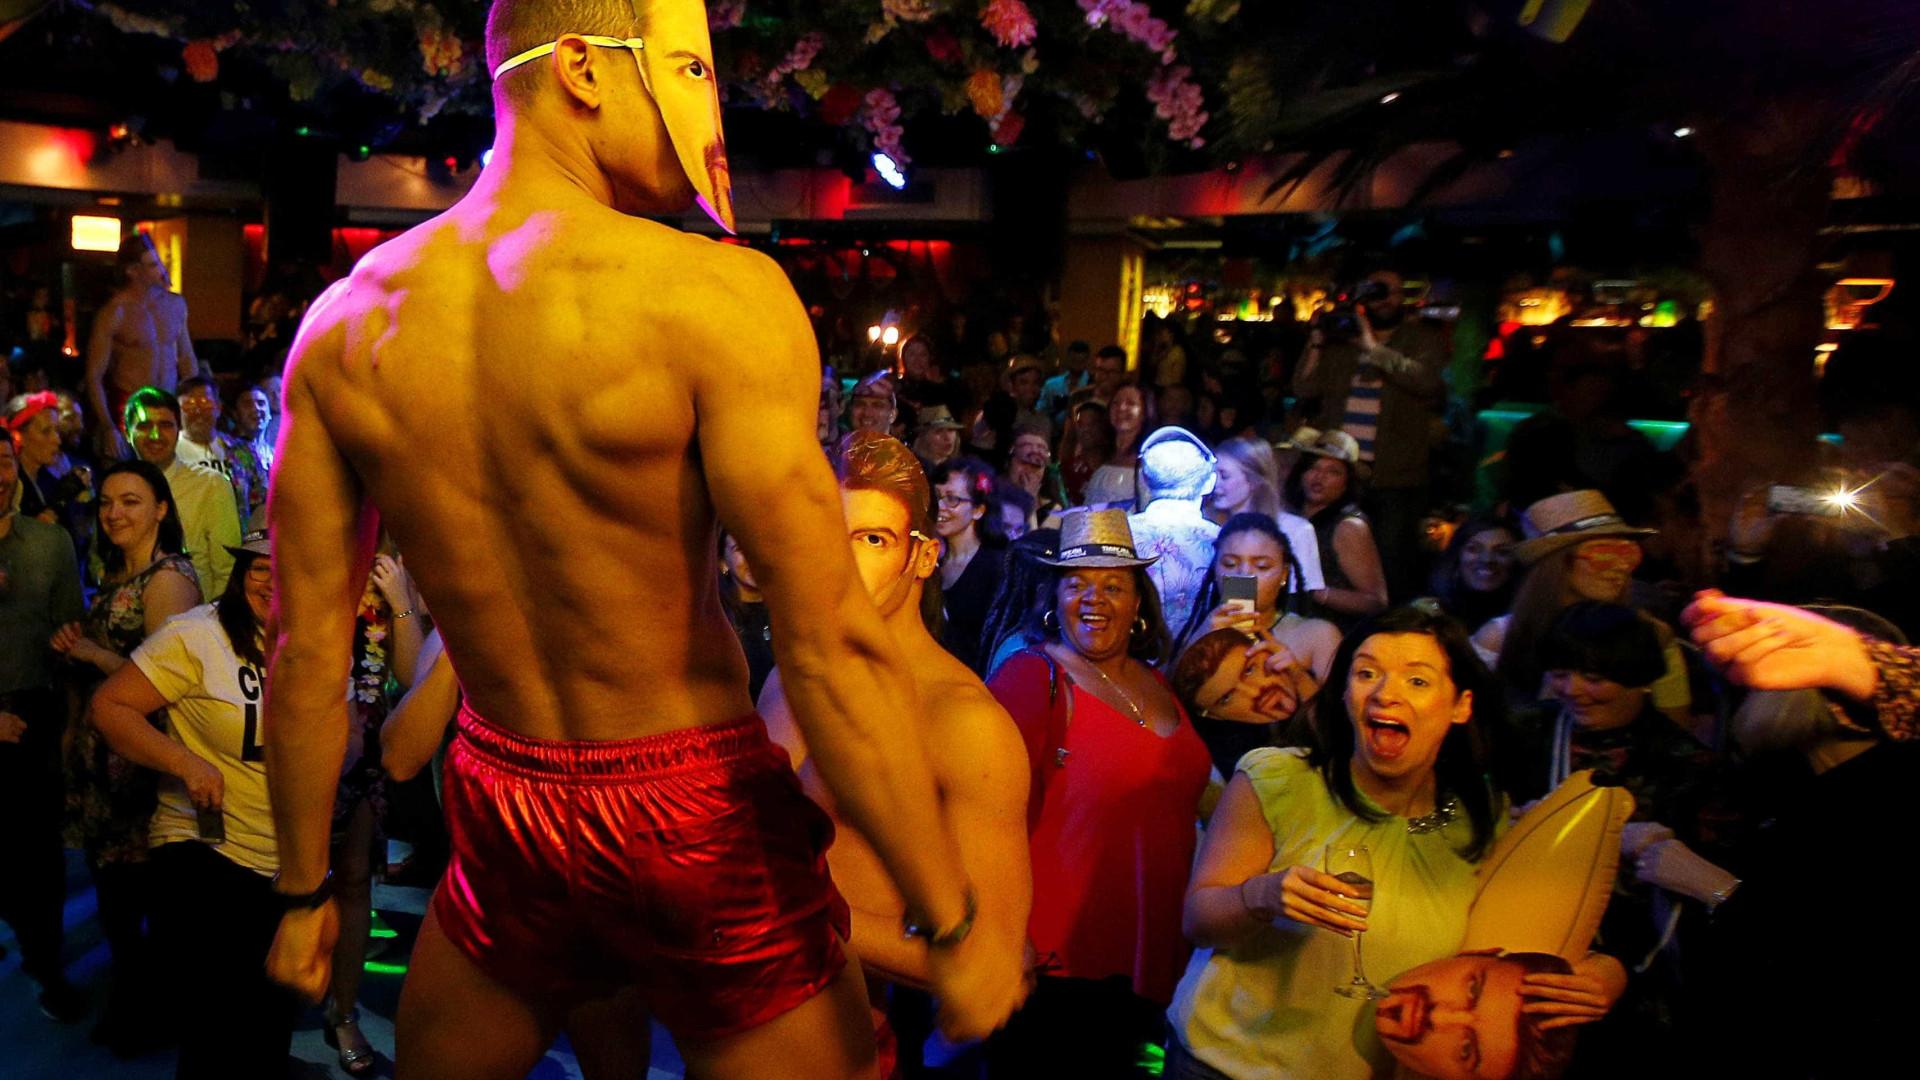 Discoteca pagava 100 euros a mulheres para entrarem sem cuecas